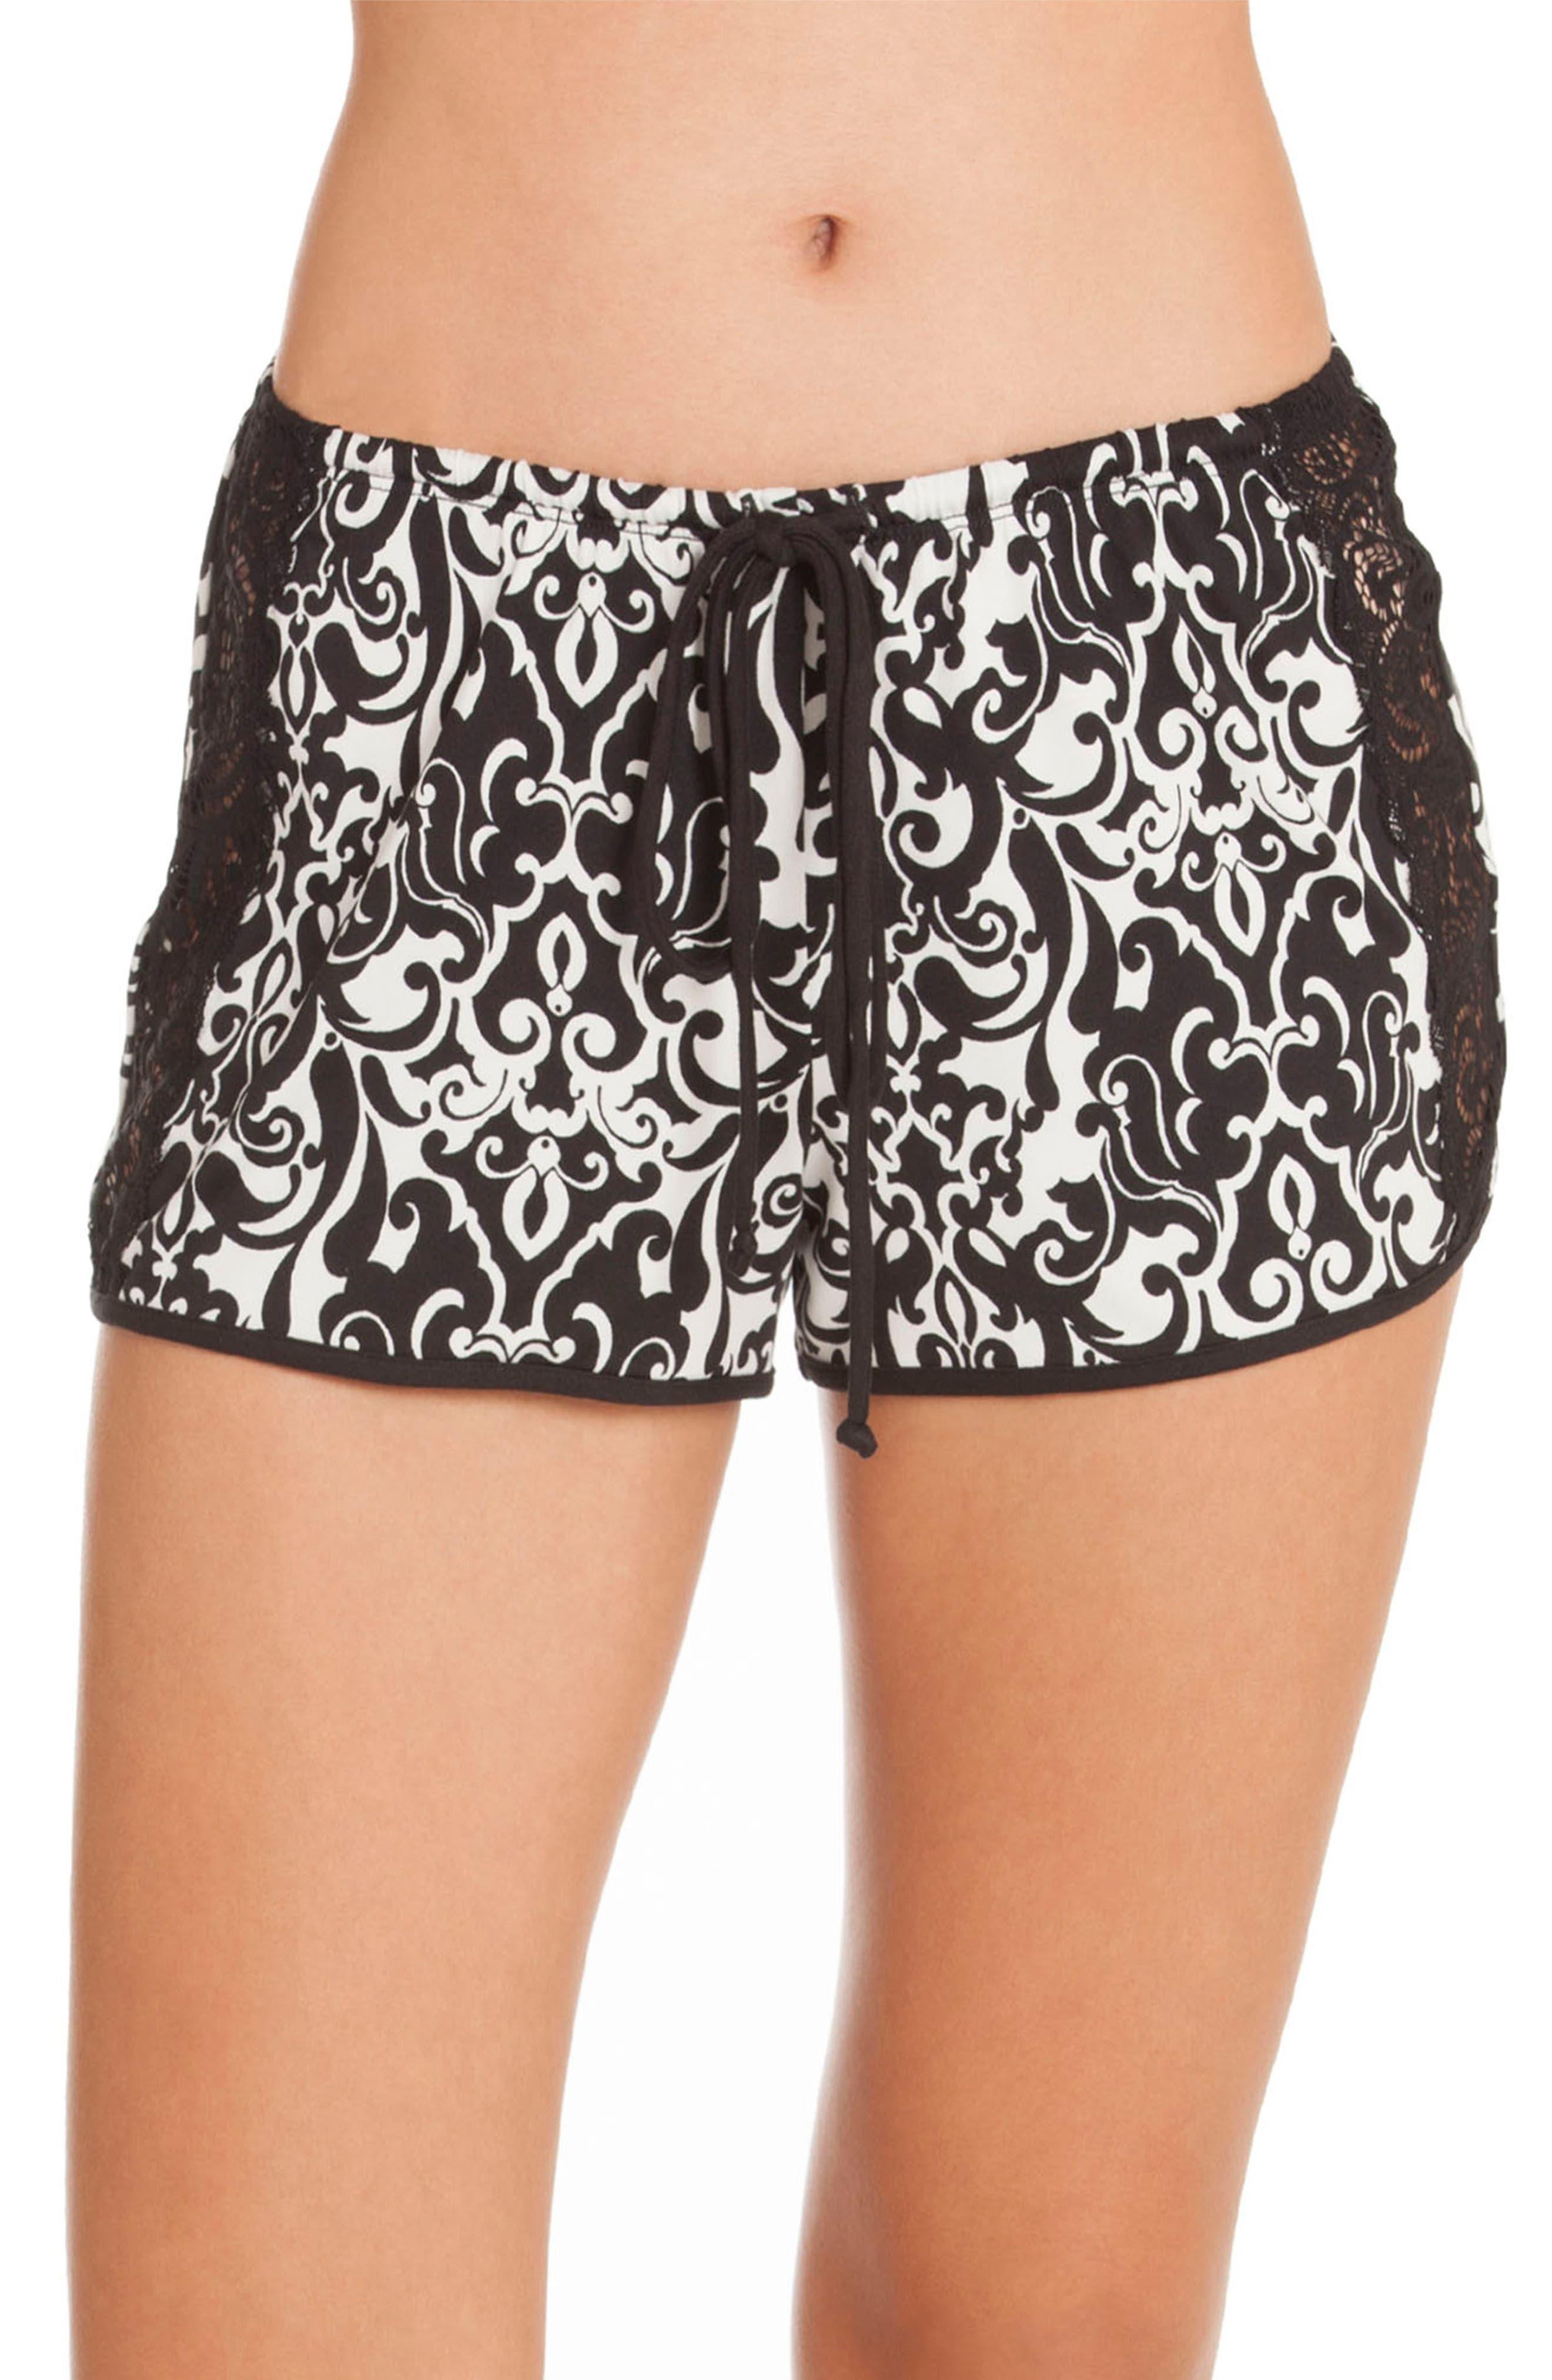 Konya Pajama Shorts,                             Main thumbnail 1, color,                             001